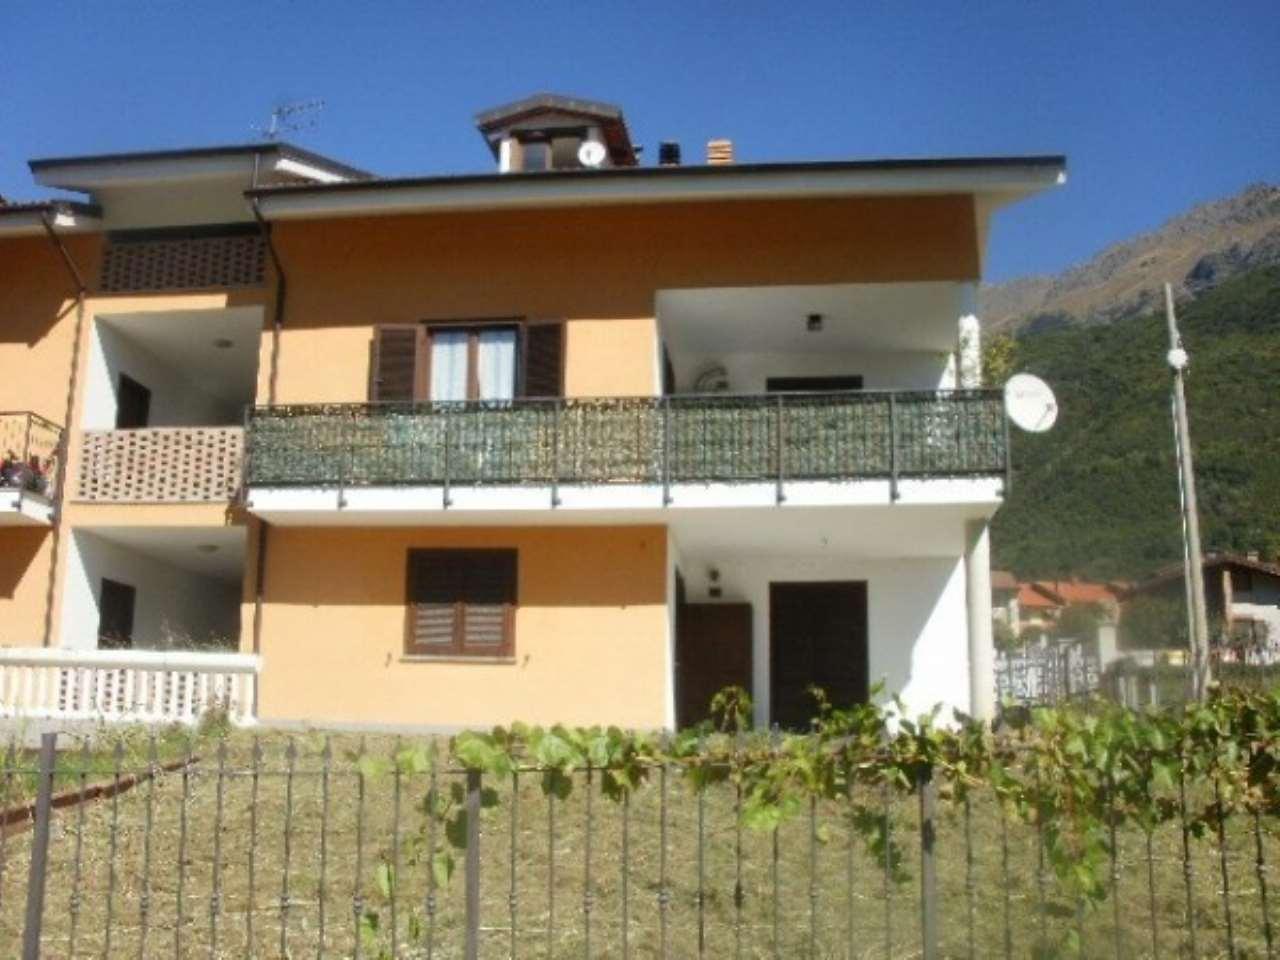 Appartamento in vendita a Bruzolo, 3 locali, prezzo € 115.000 | CambioCasa.it